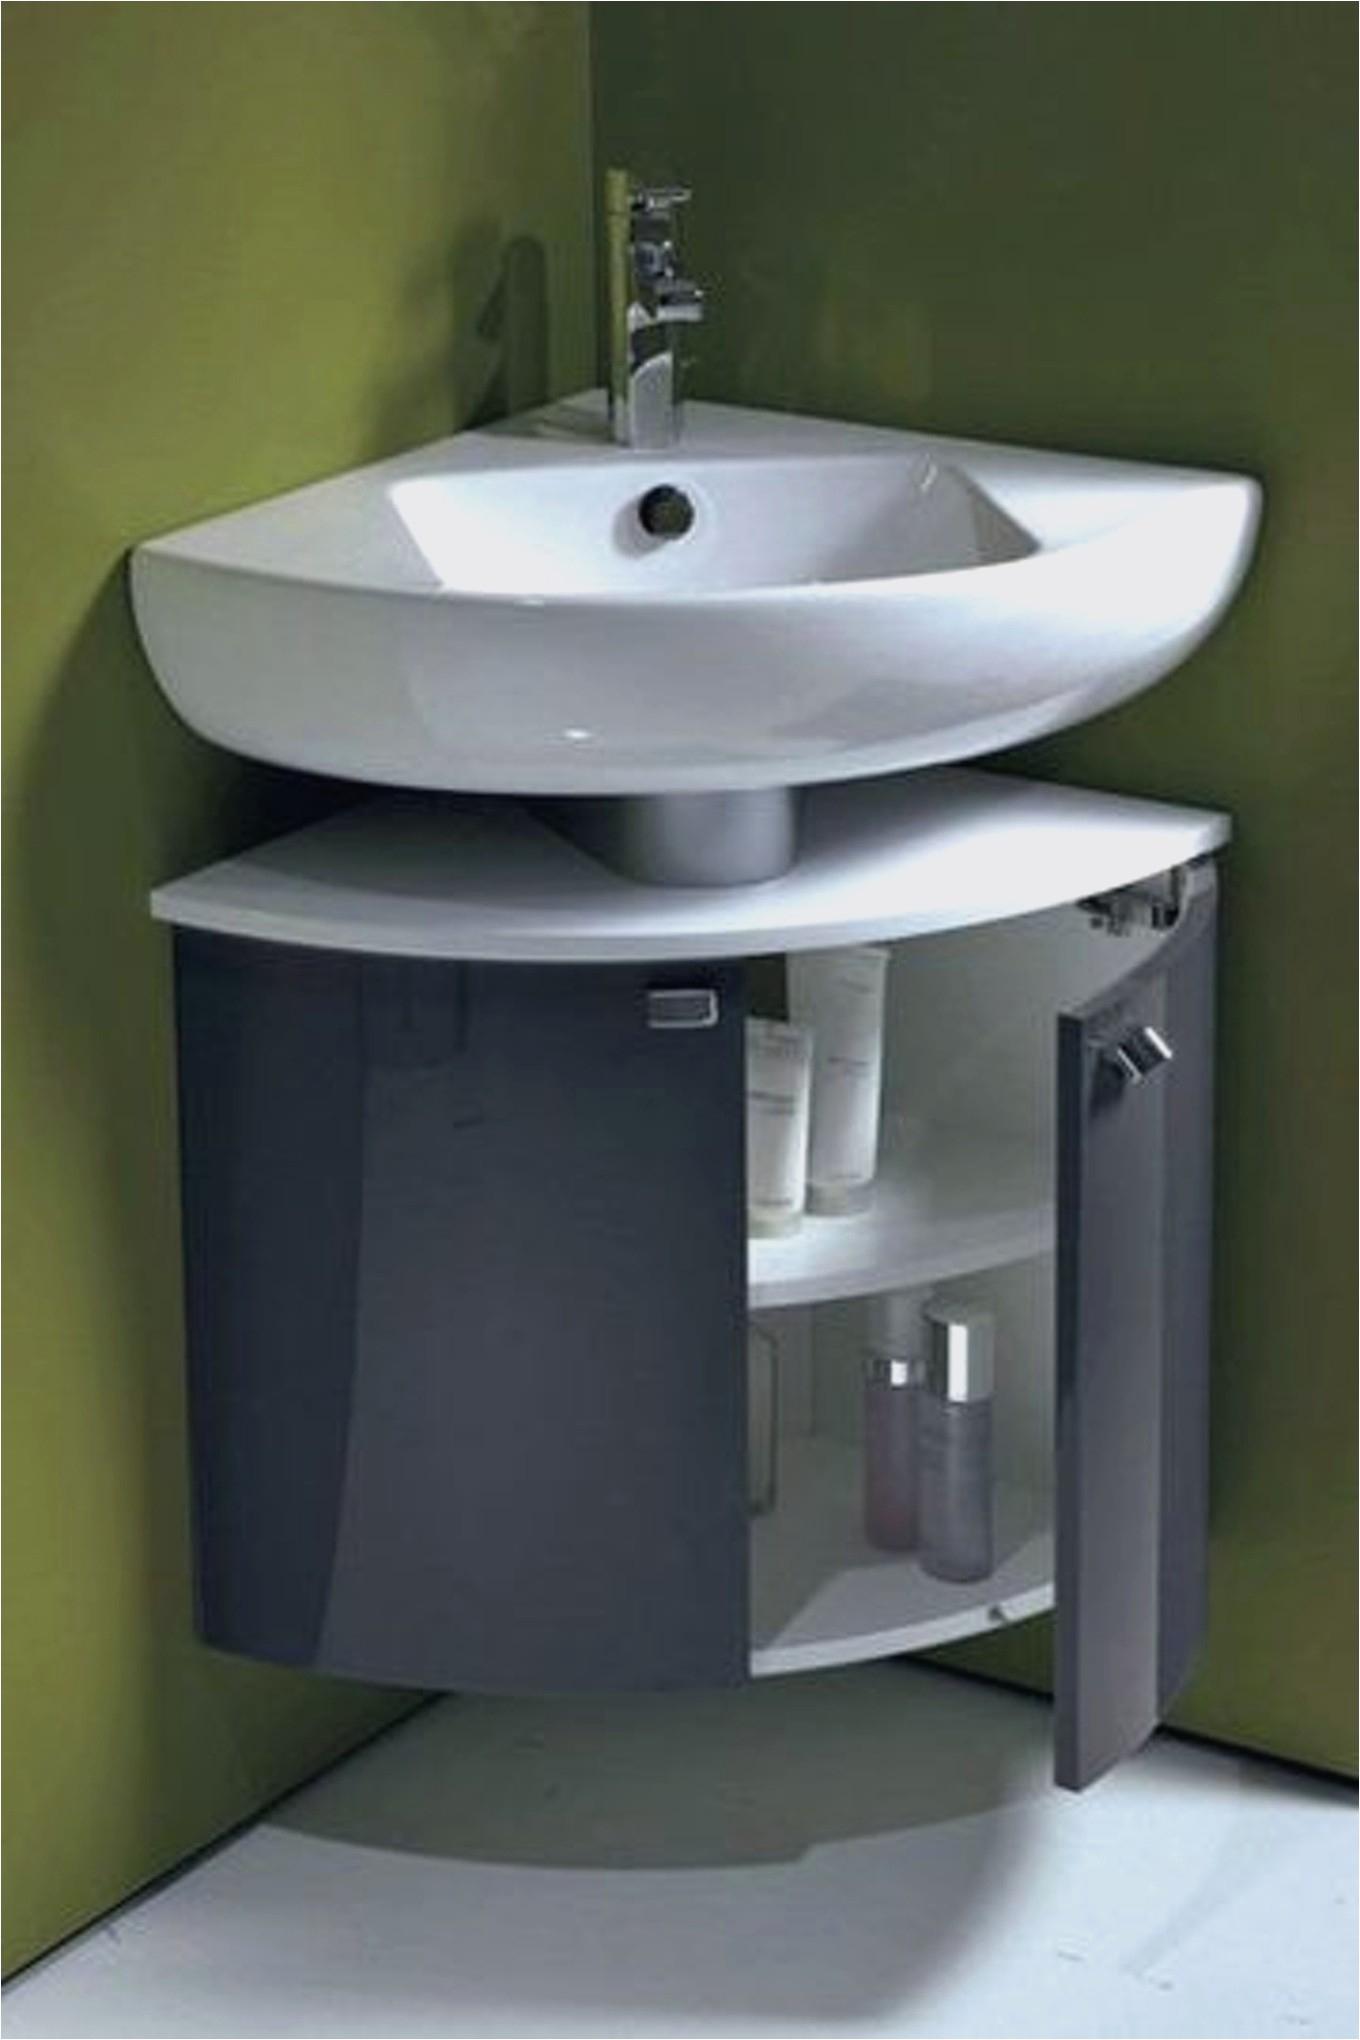 Lavabo Double Vasque Ikea Inspirant Images Meuble Lavabo D Angle Salle De Bain Lave Main Ikea Frais Meuble